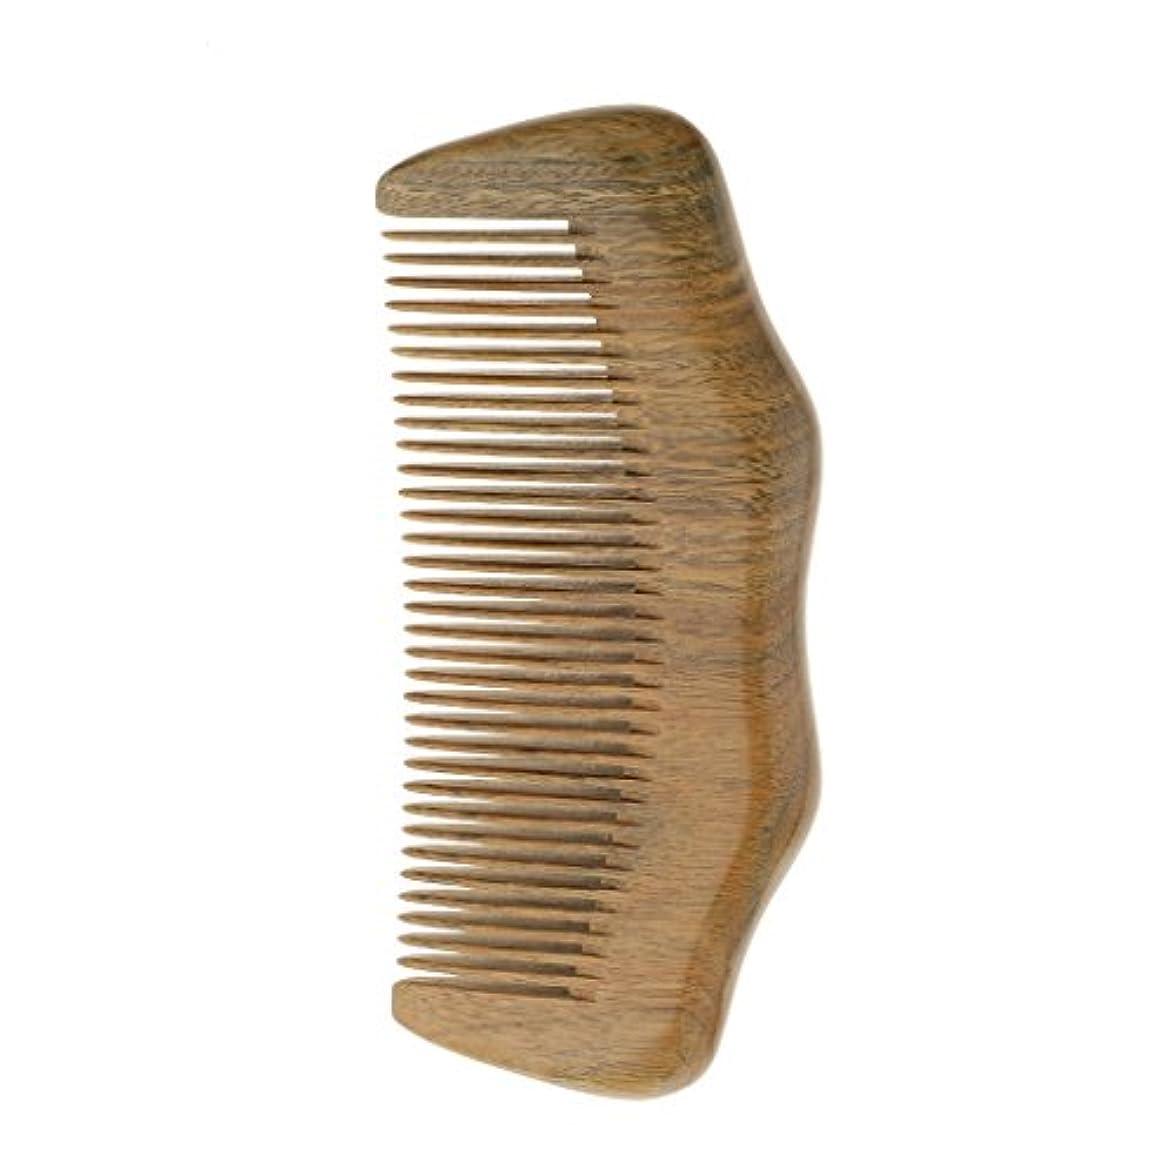 代表して毛細血管ツーリストナチュラル ビャクダンの櫛 広い歯の帯電防止 ヘッドマッサージ ヘアケアウッド